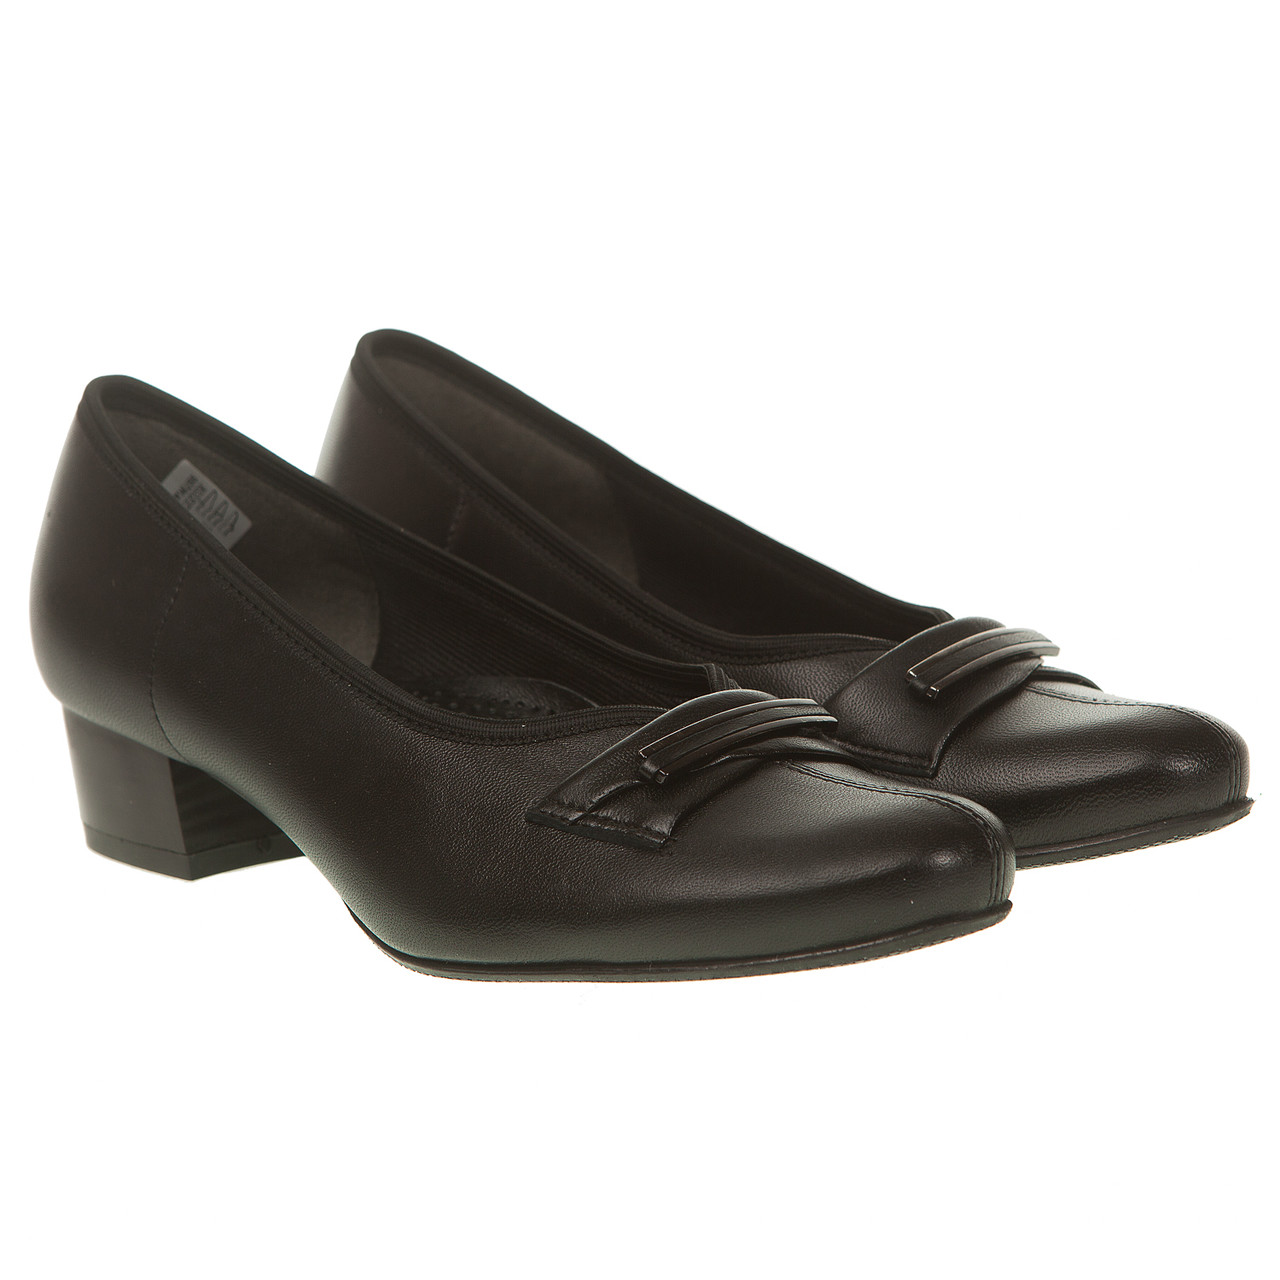 404e8bb73b4fe1 Туфли женские Kostex (кожаные, черные, на удобном каблуке, удобные,  качественные)